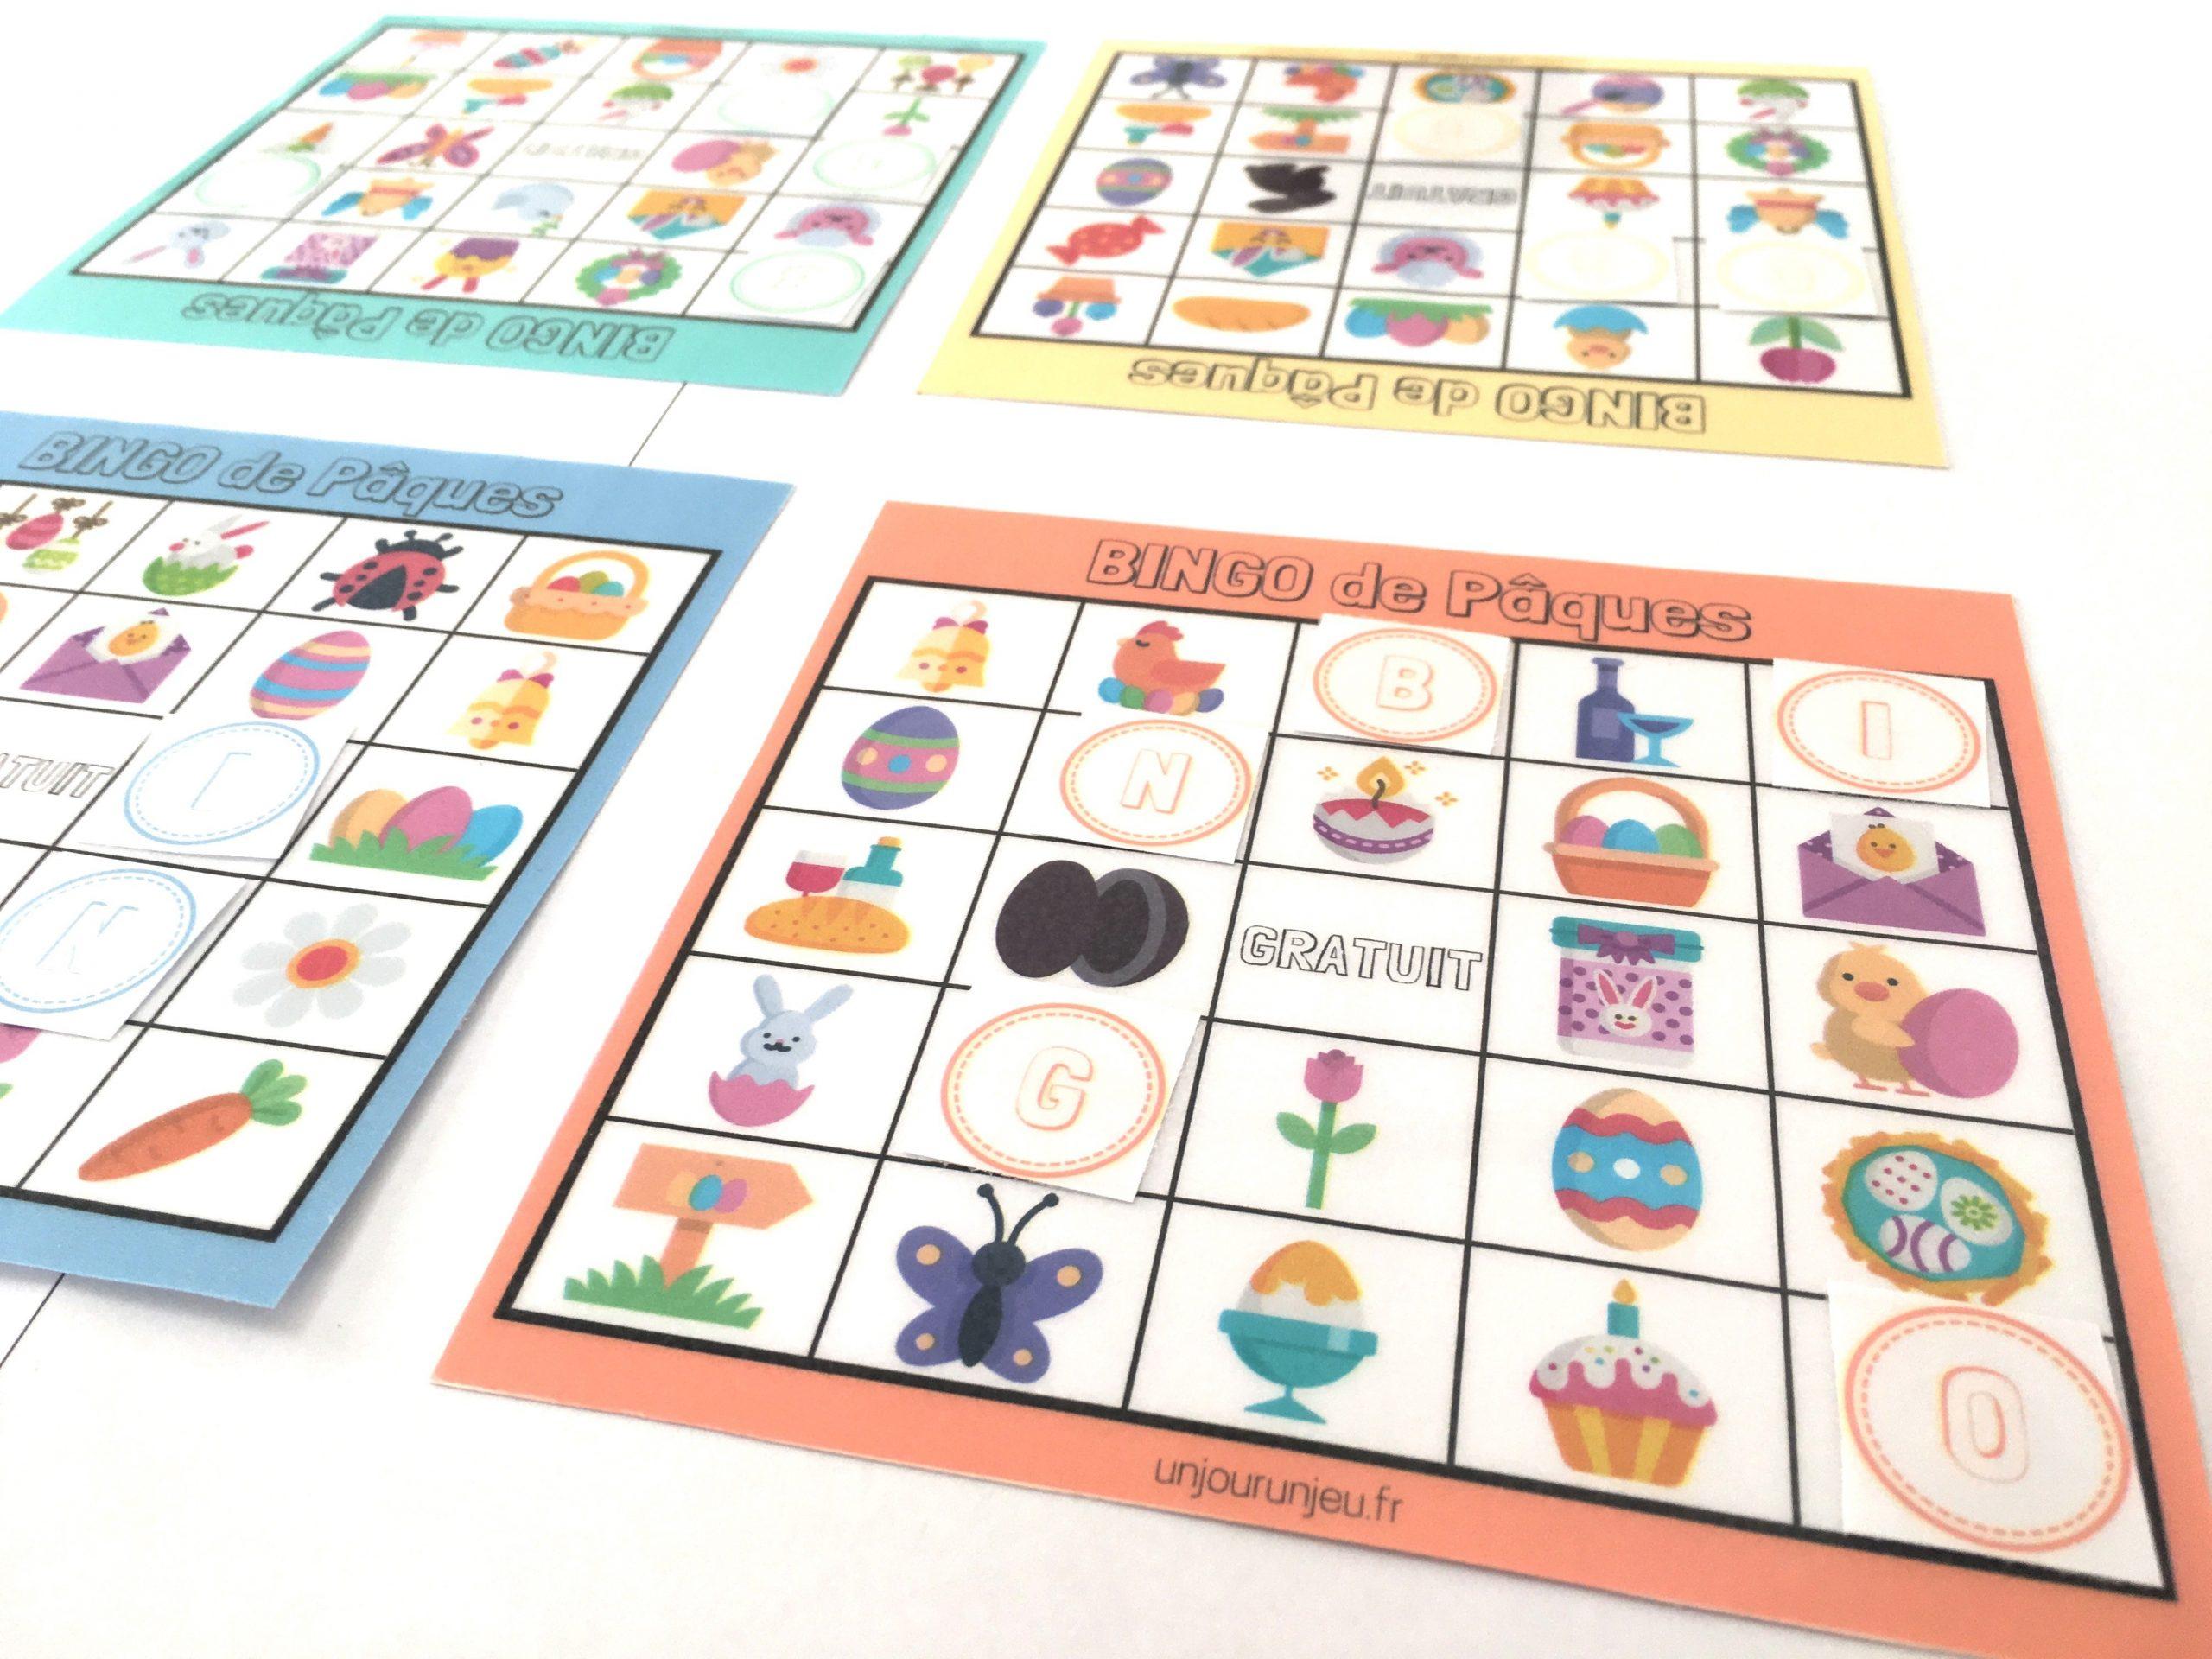 Jeu Et Activités De Pâques : Un Bingo À Télécharger Gratuitement concernant Jeux Gratuit Maternelle